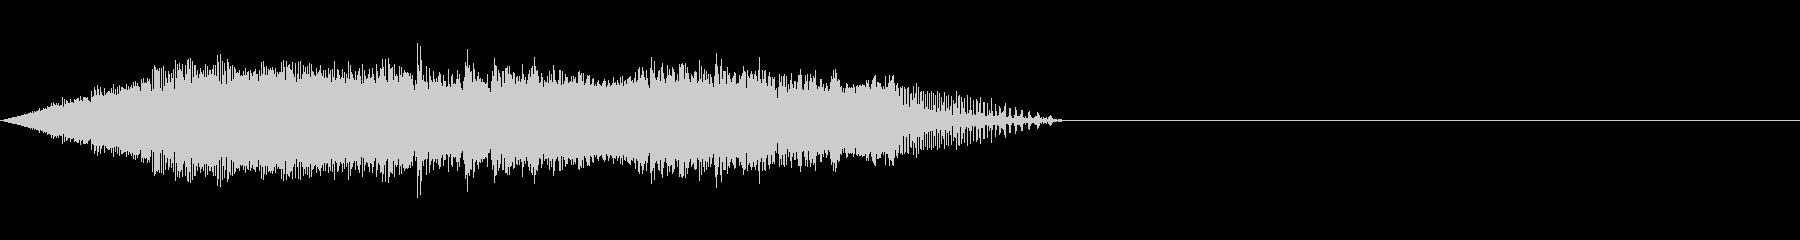 シャットダウン 2の未再生の波形